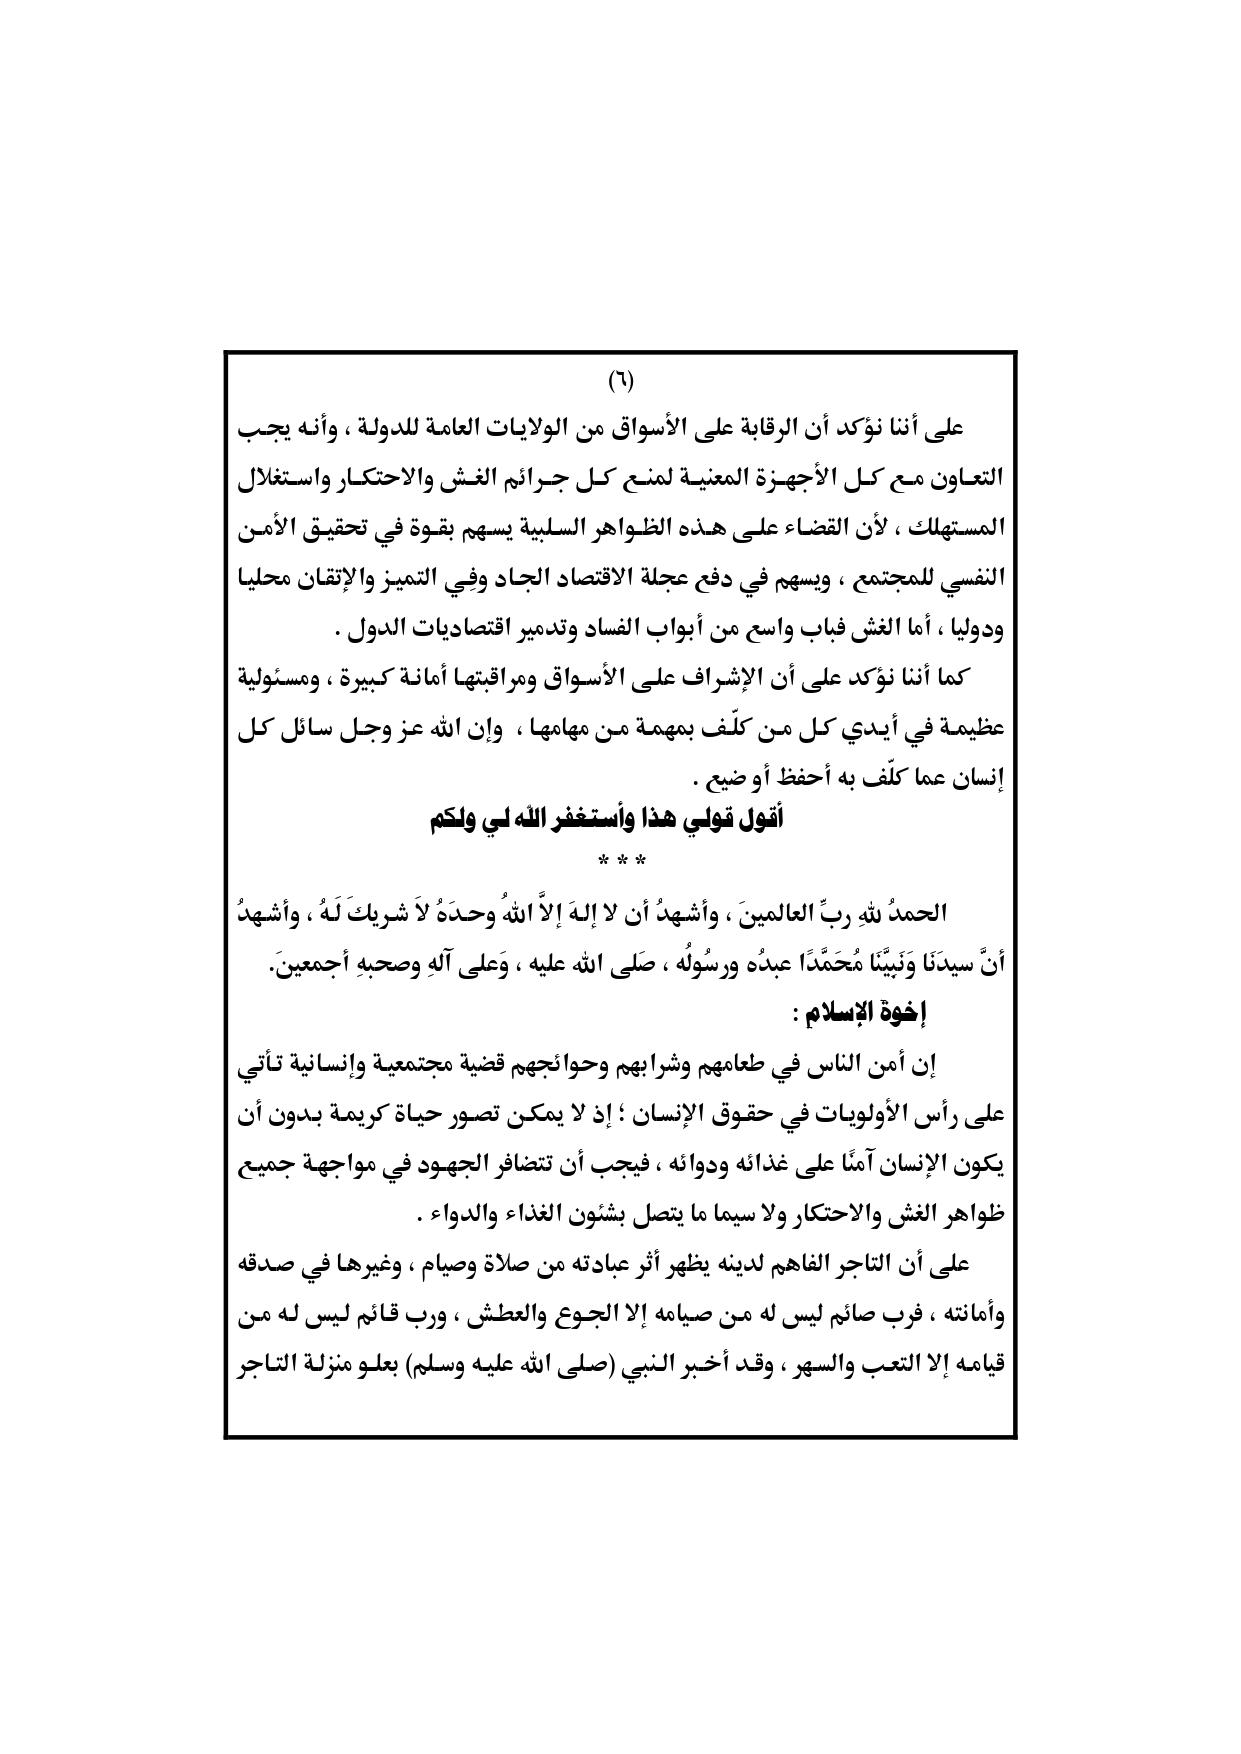 خطبة الجمعة لهذا اليوم ، خطبة وزارة الاوقاف المصرية ، خطبة الجمعة القادمة، خطبة الجمعة القادمة لوزارة الأوقاف المصرية